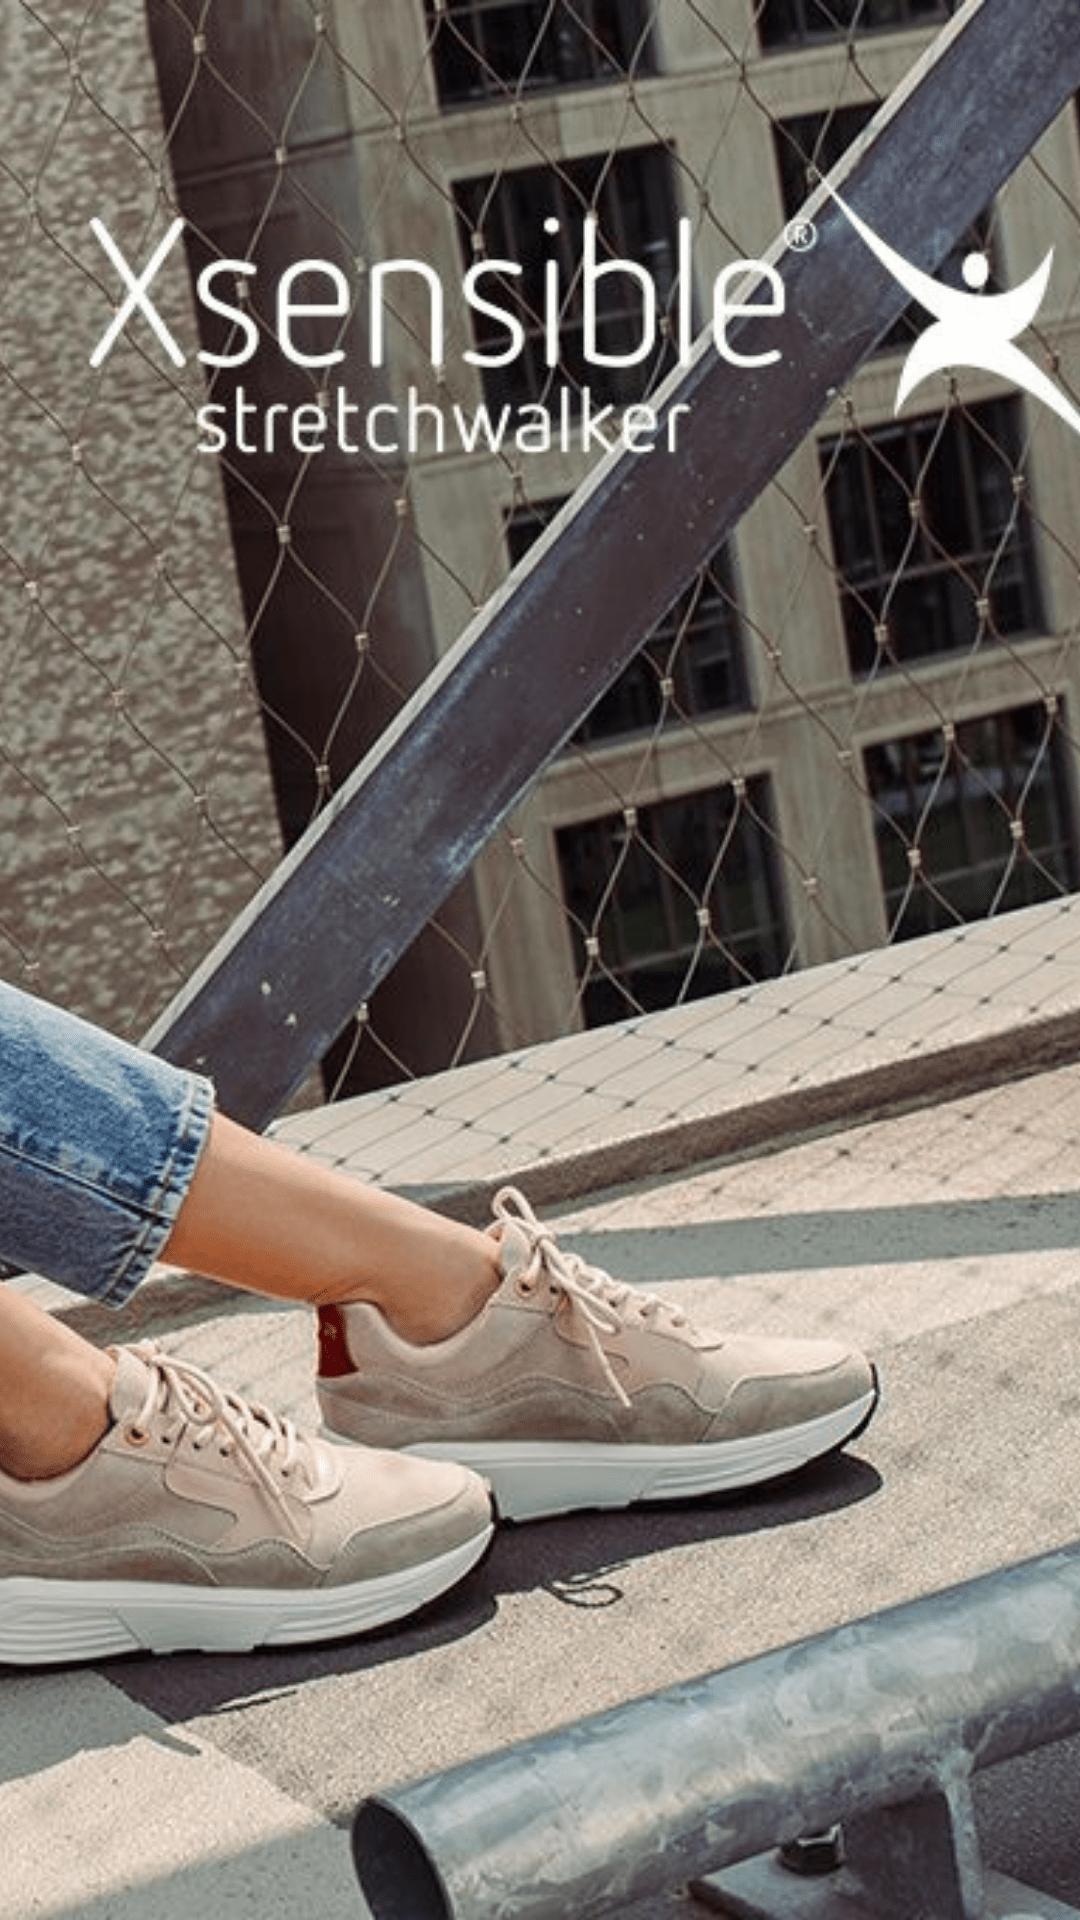 Maak kennis met Xsensible Next generation sneakers!